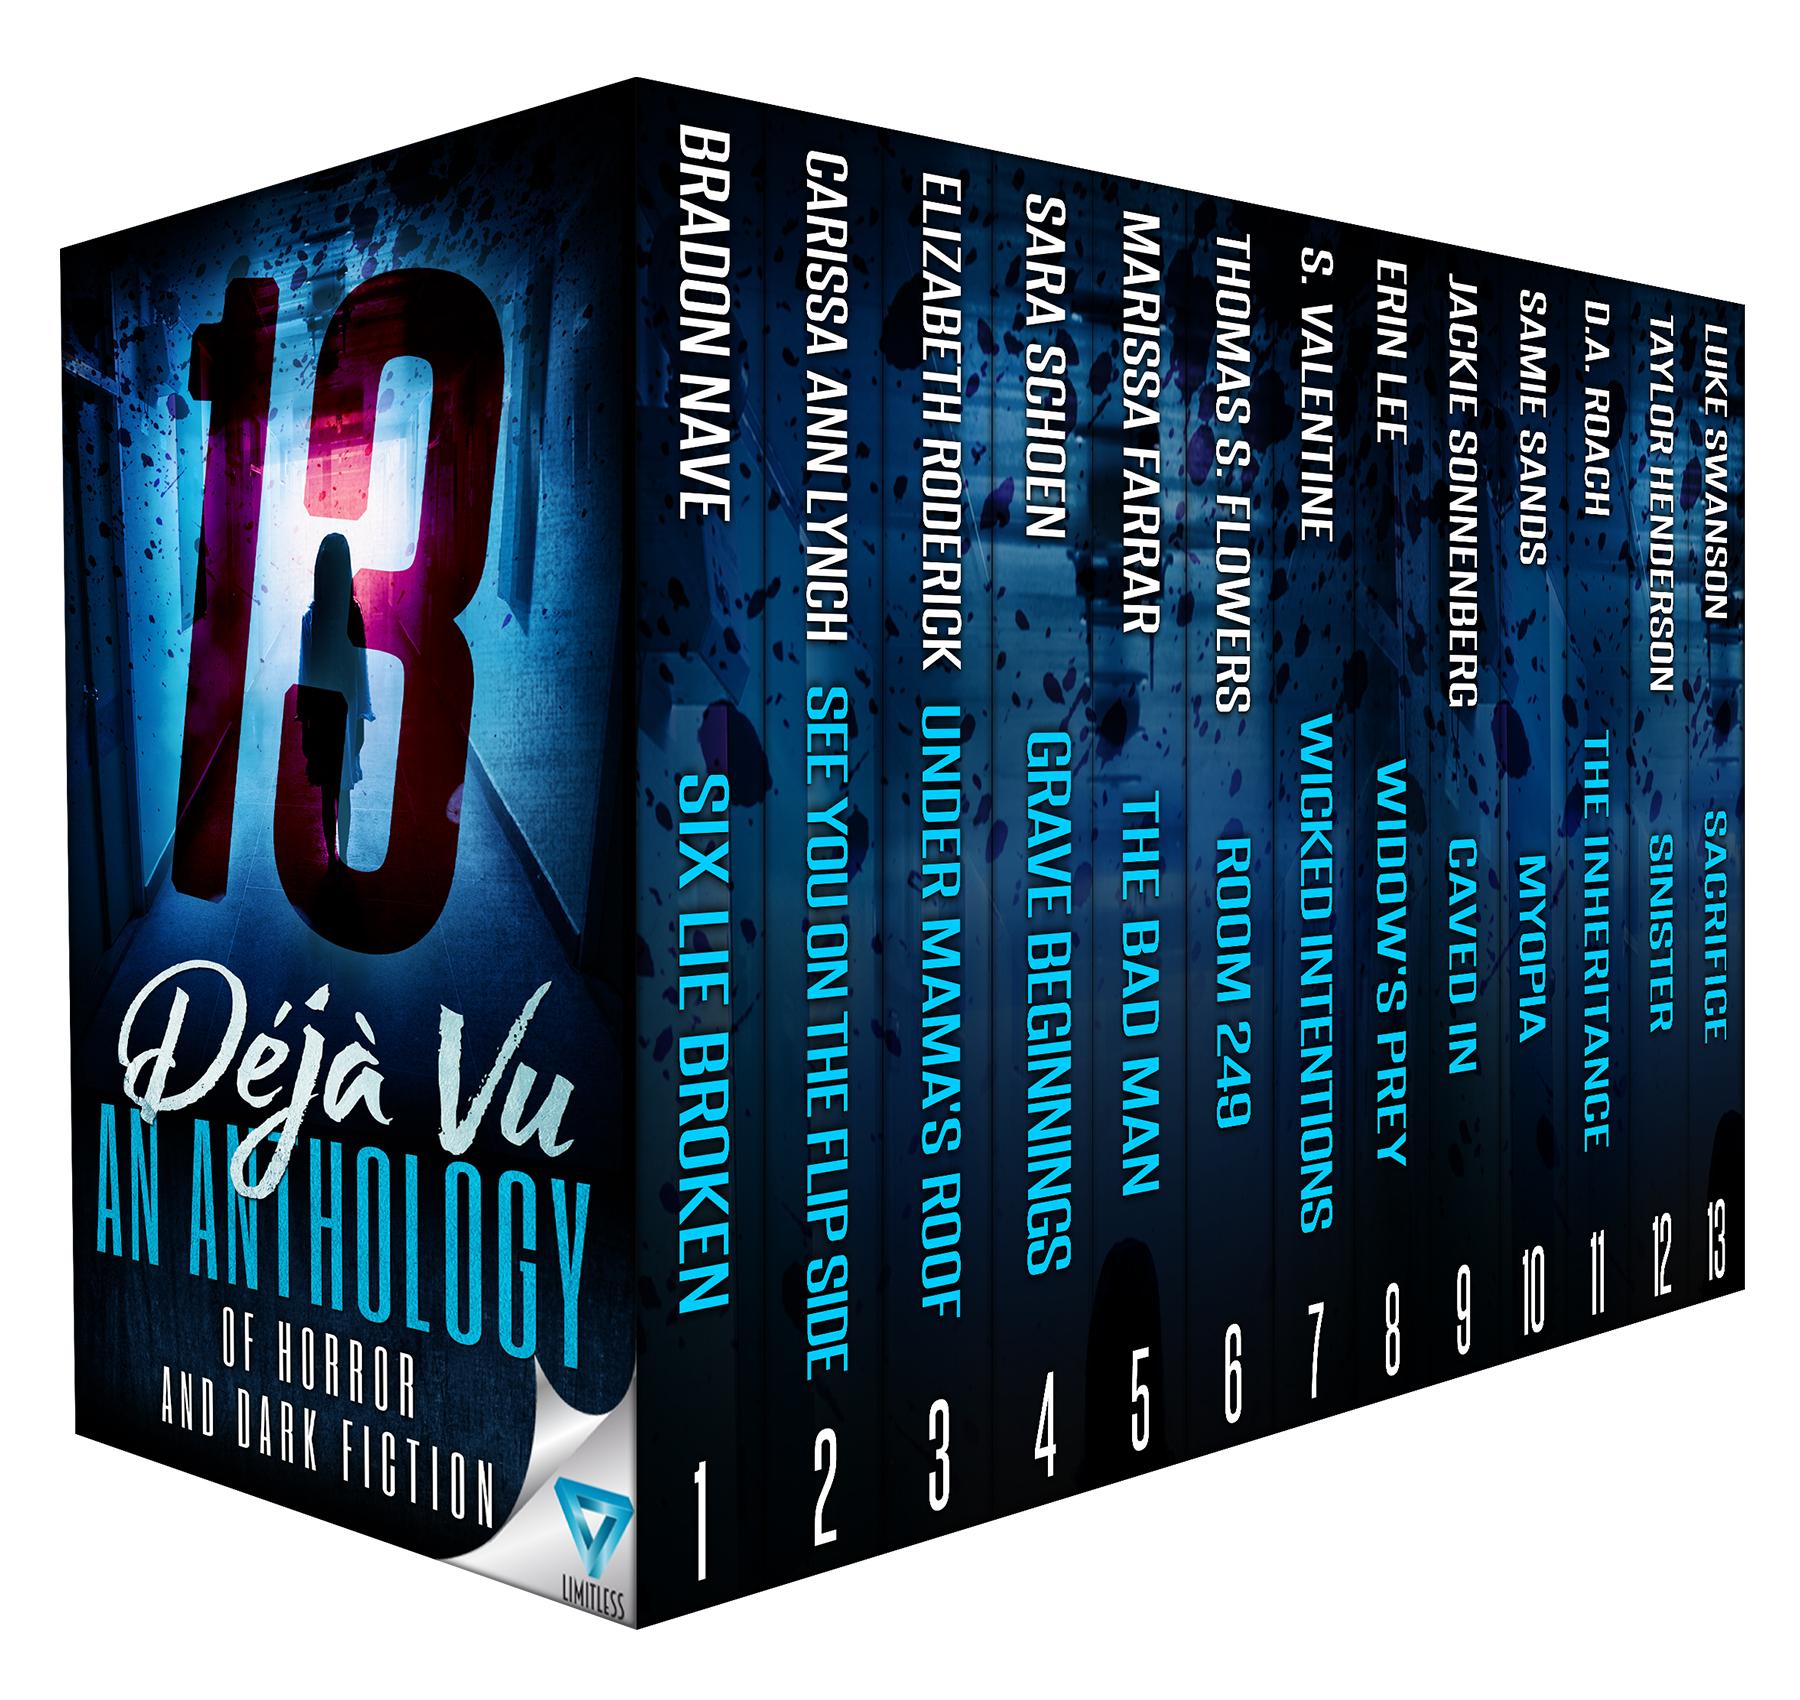 Thirteen Serie